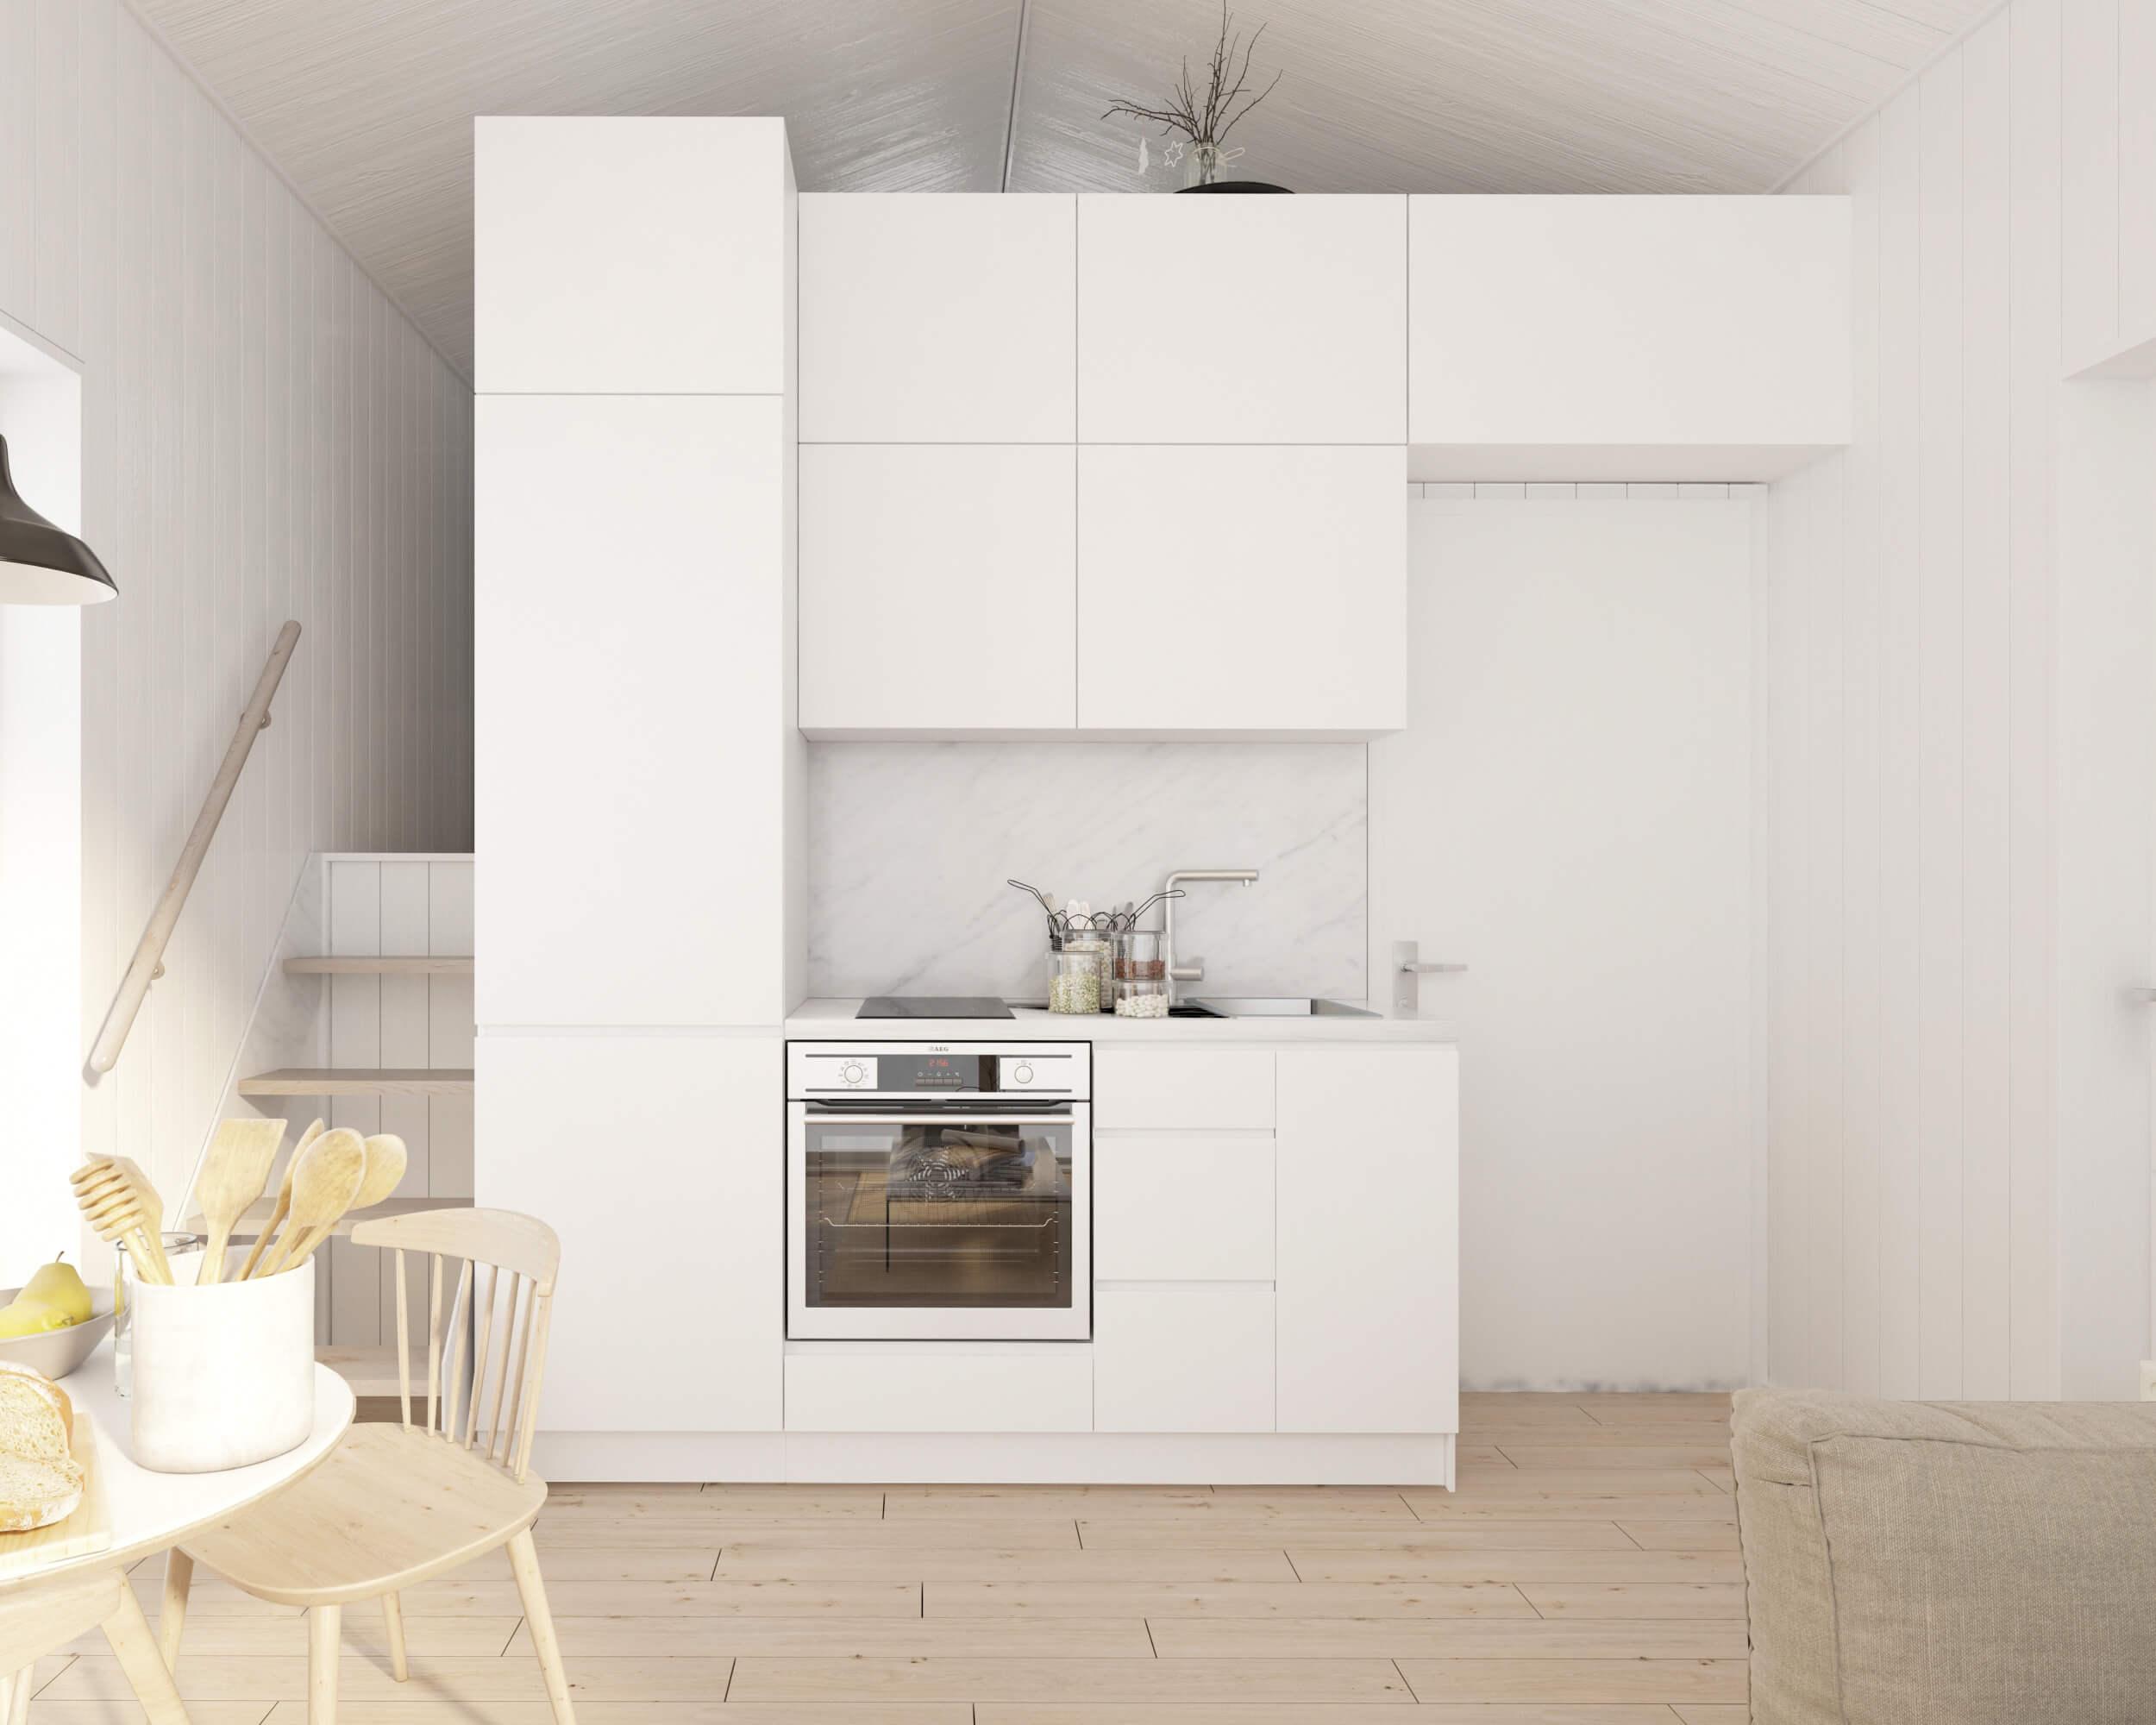 Attefallshus Klassisk Panorama 25.3 kök med vita köksluckor